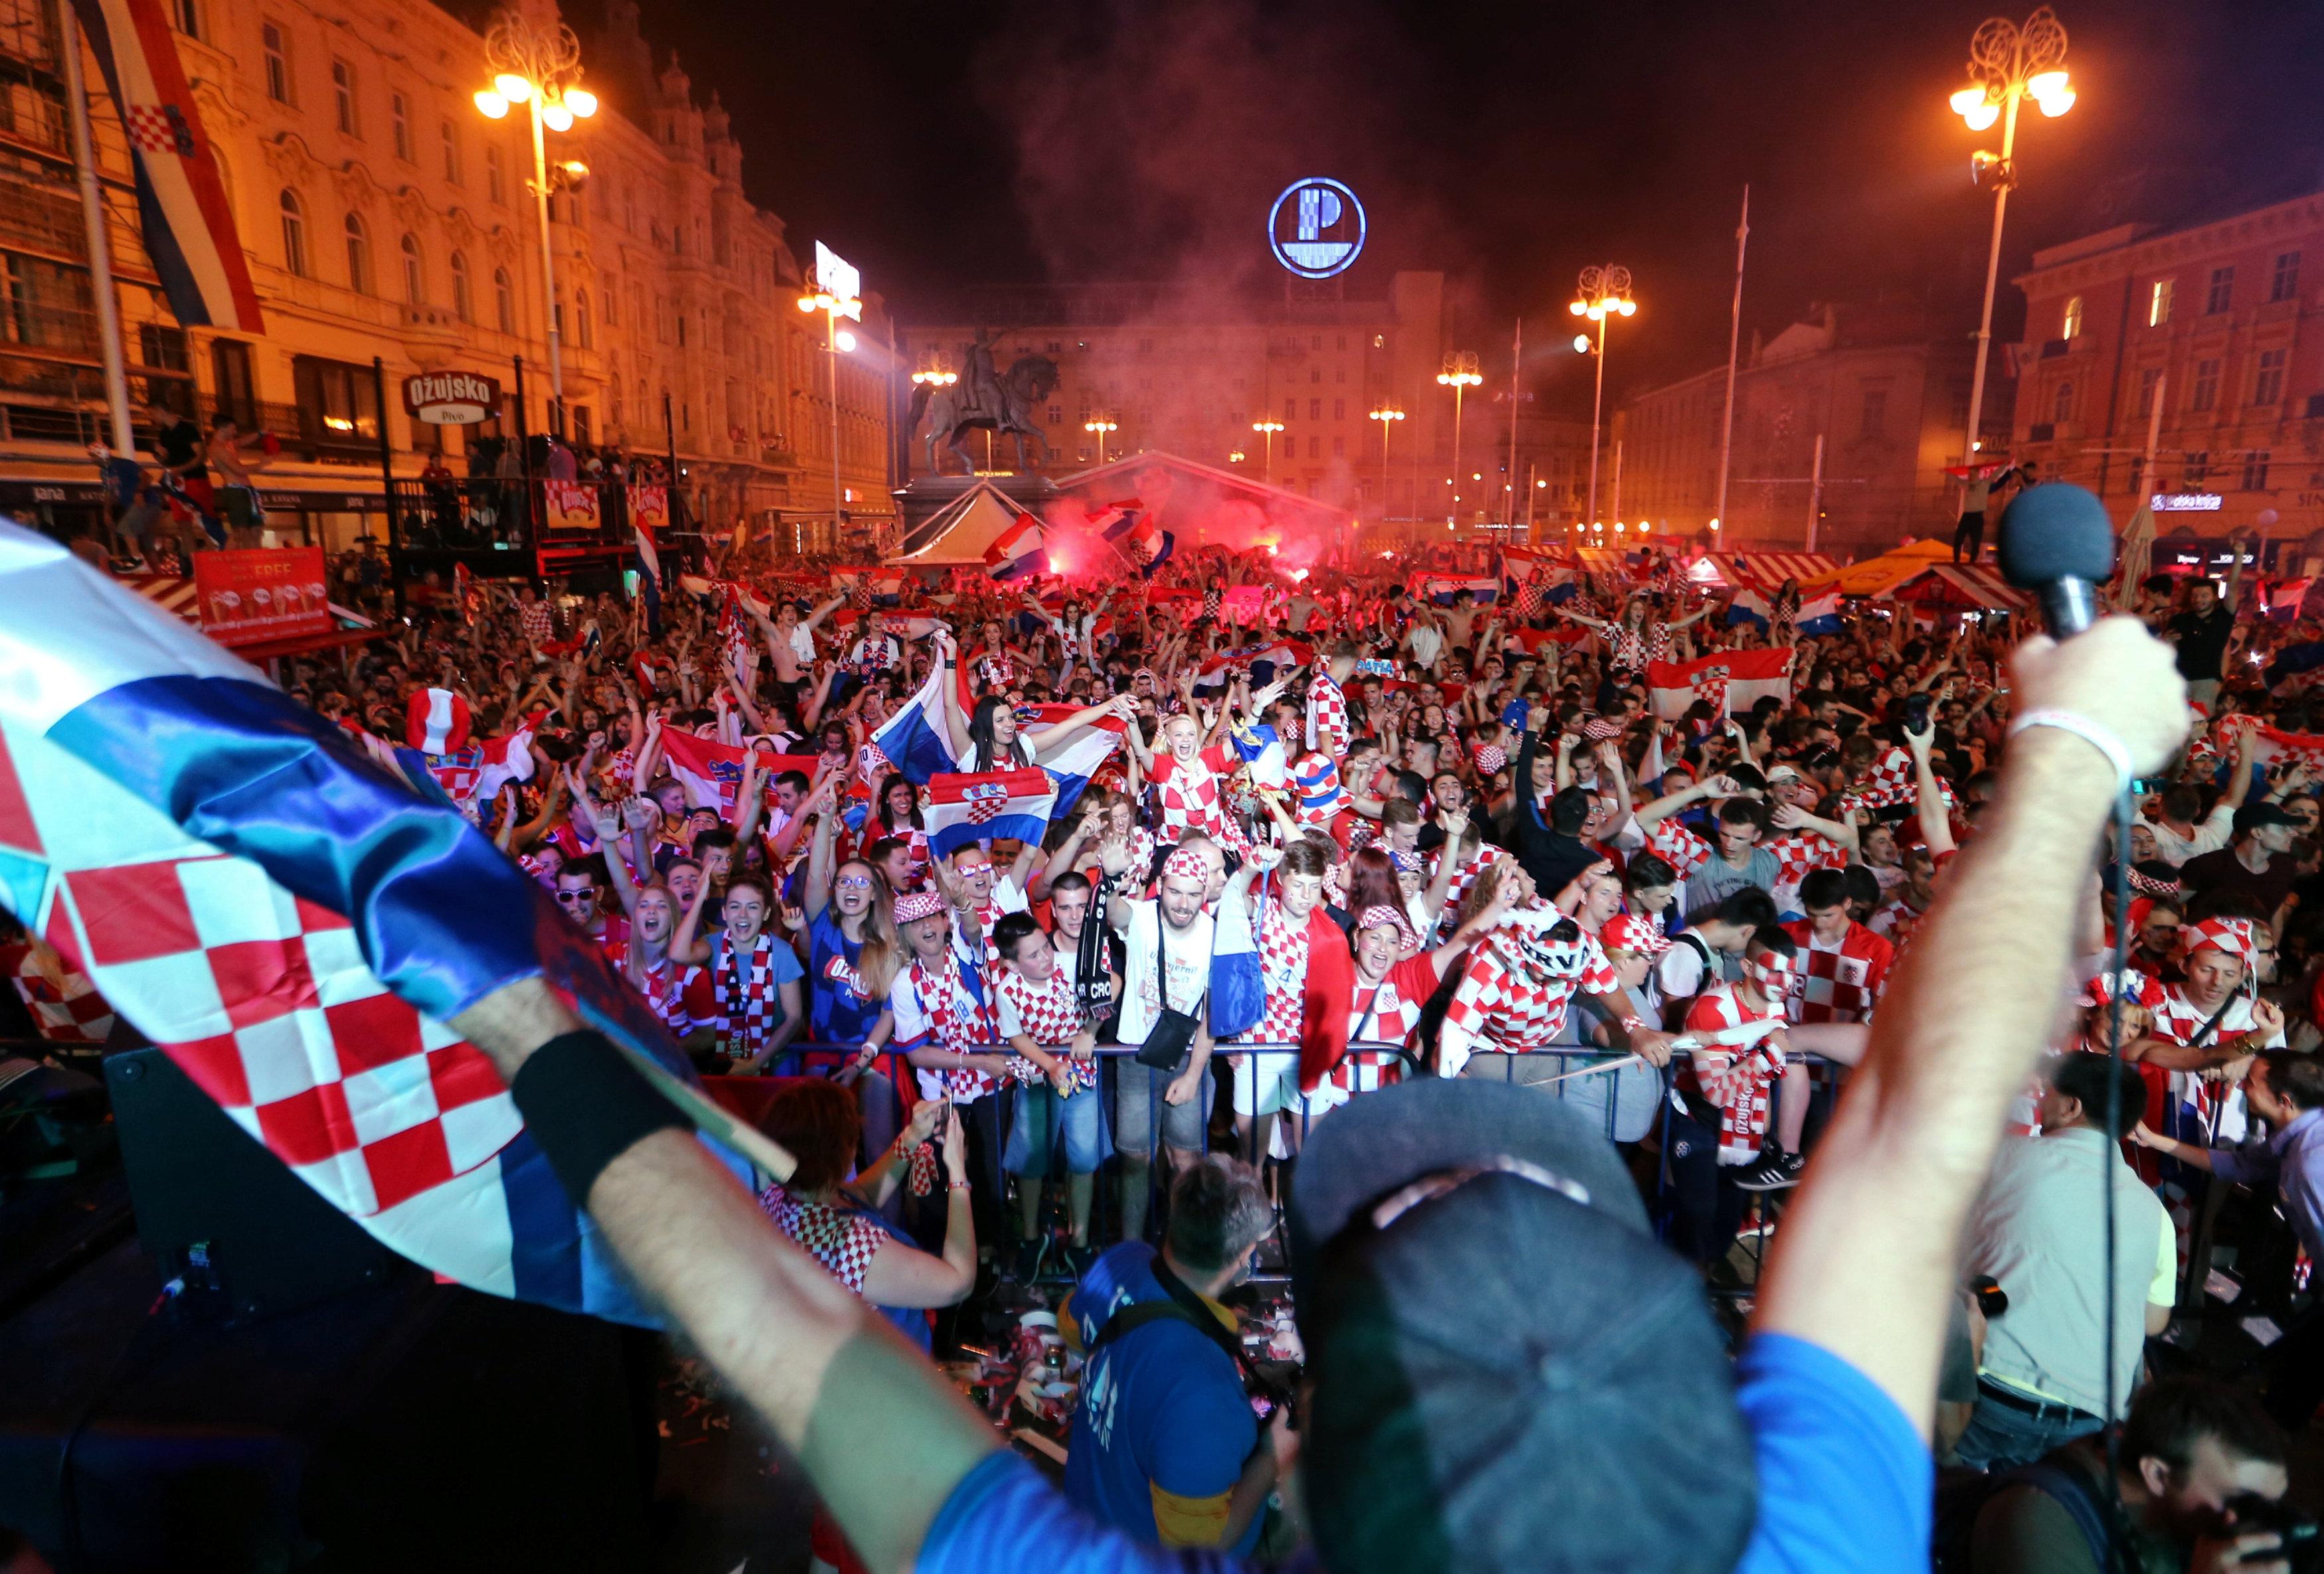 احتفالات منتخب كرواتيا بعد التأهل لنصف نهائي مونديال 2018 (1)